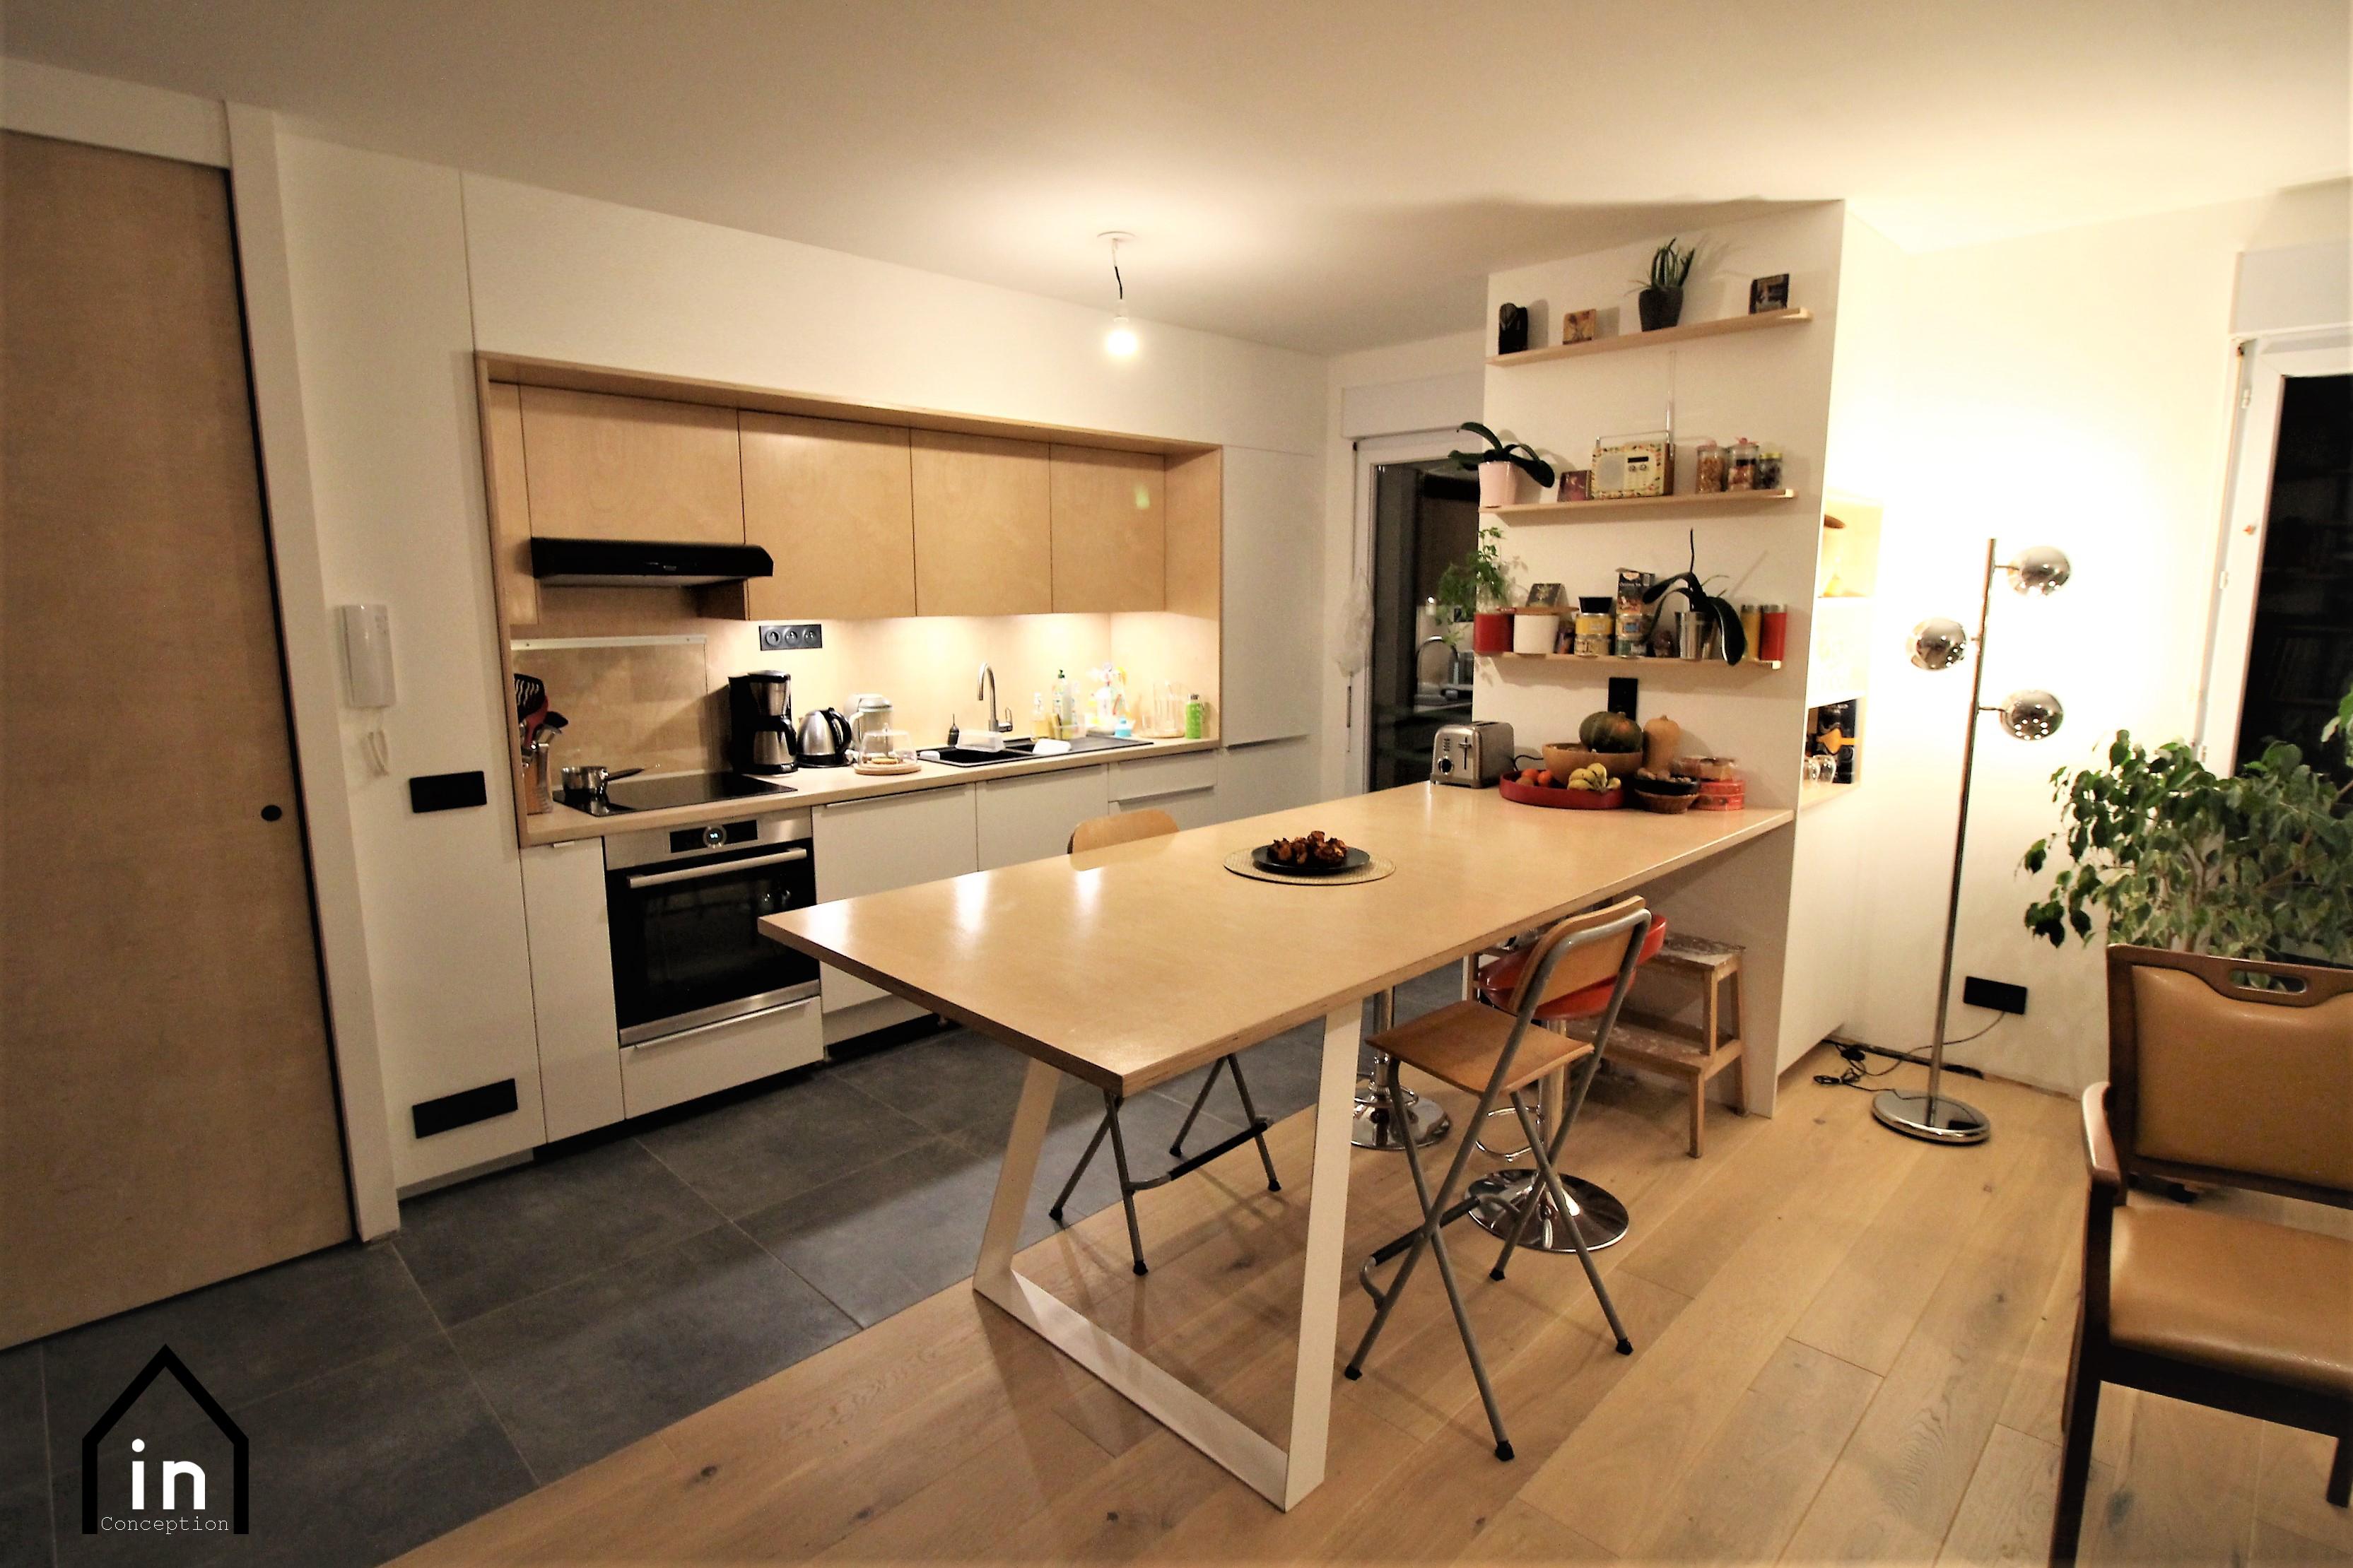 Cuisine Table et rangements